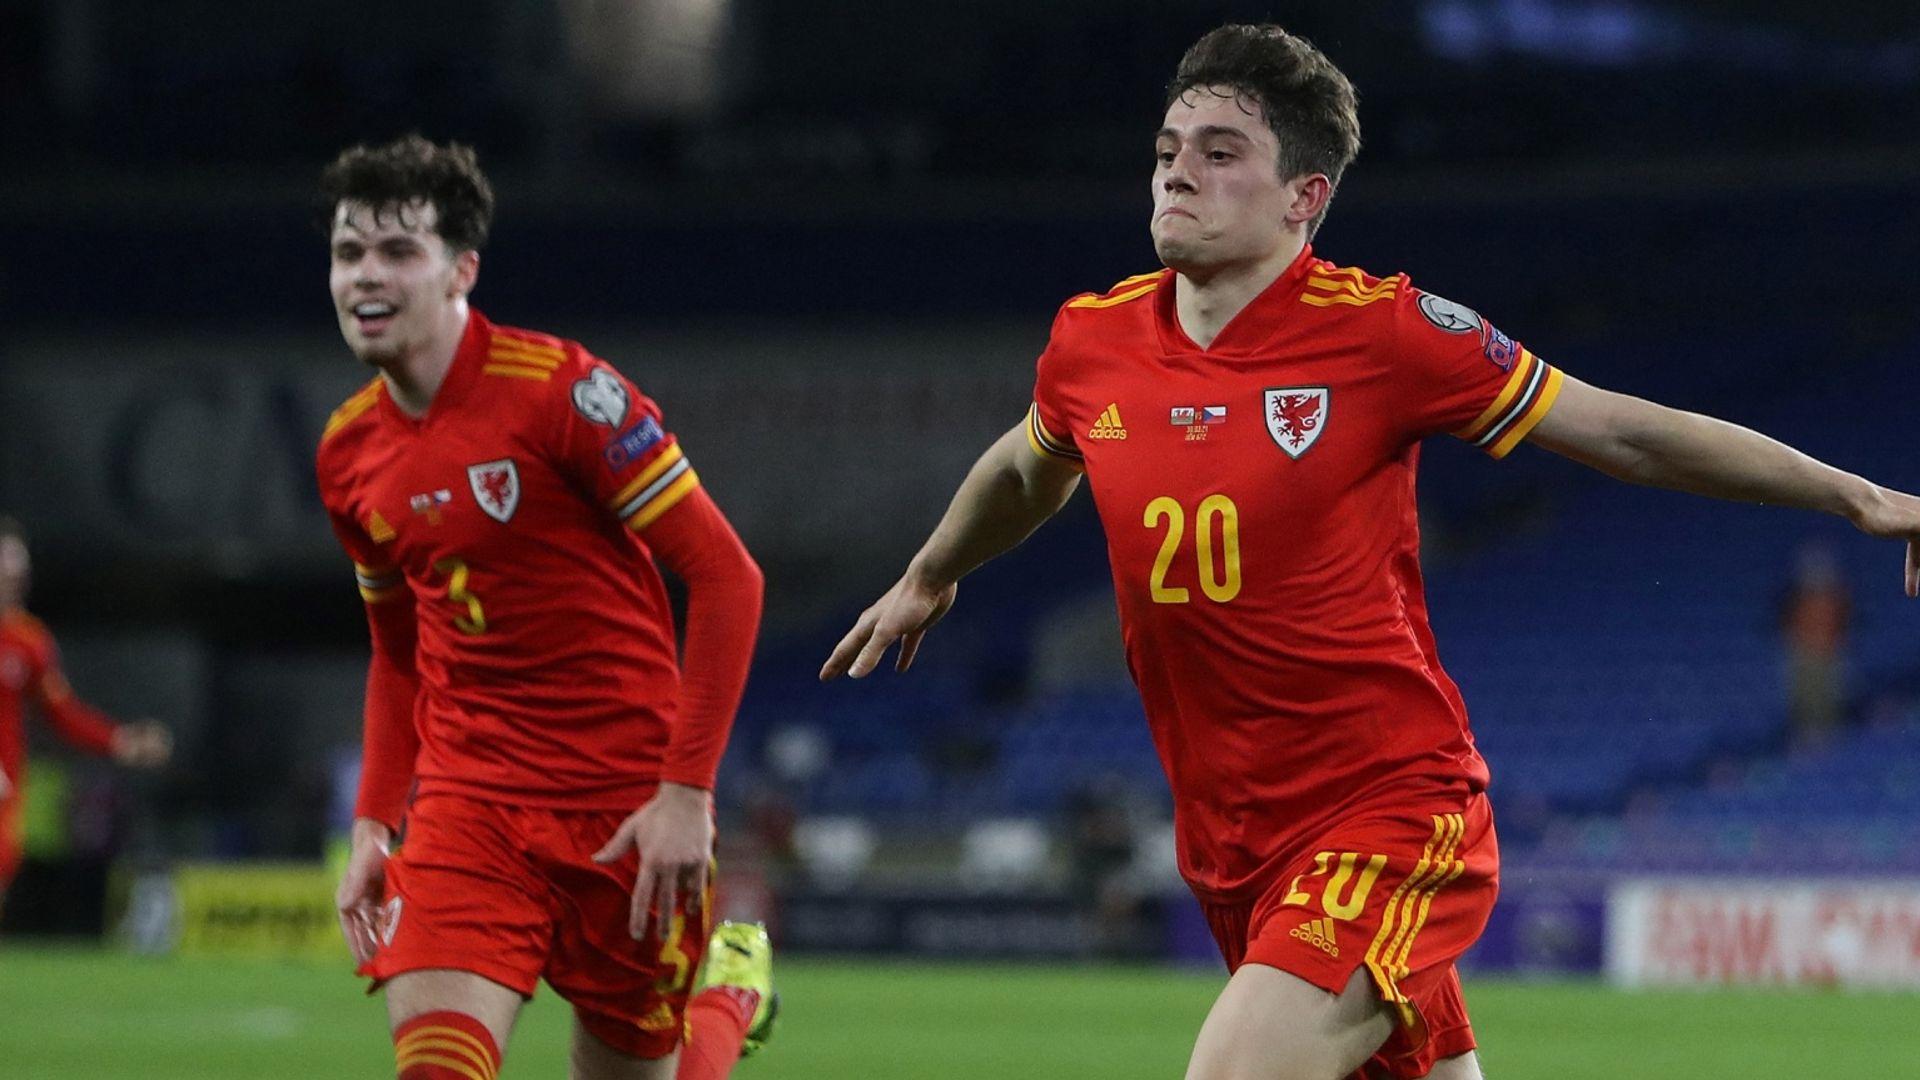 Wales 1 - 0 Czech Rep - Asume Tech